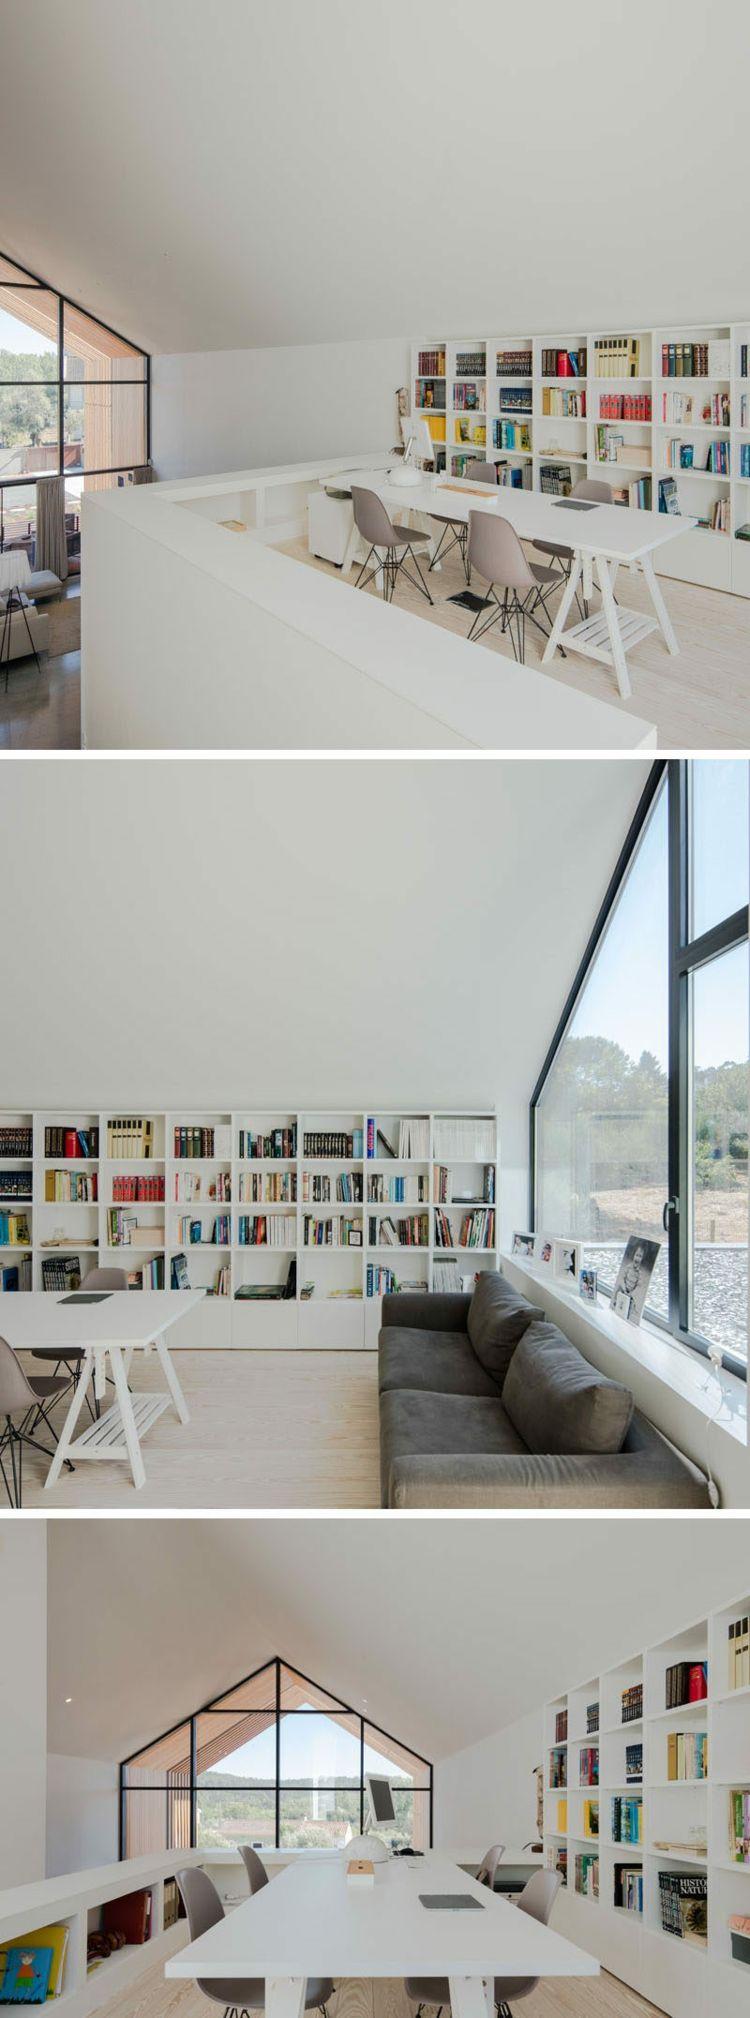 bibliothek home office dachschräge haus ourem #traumhäuser #modern ...